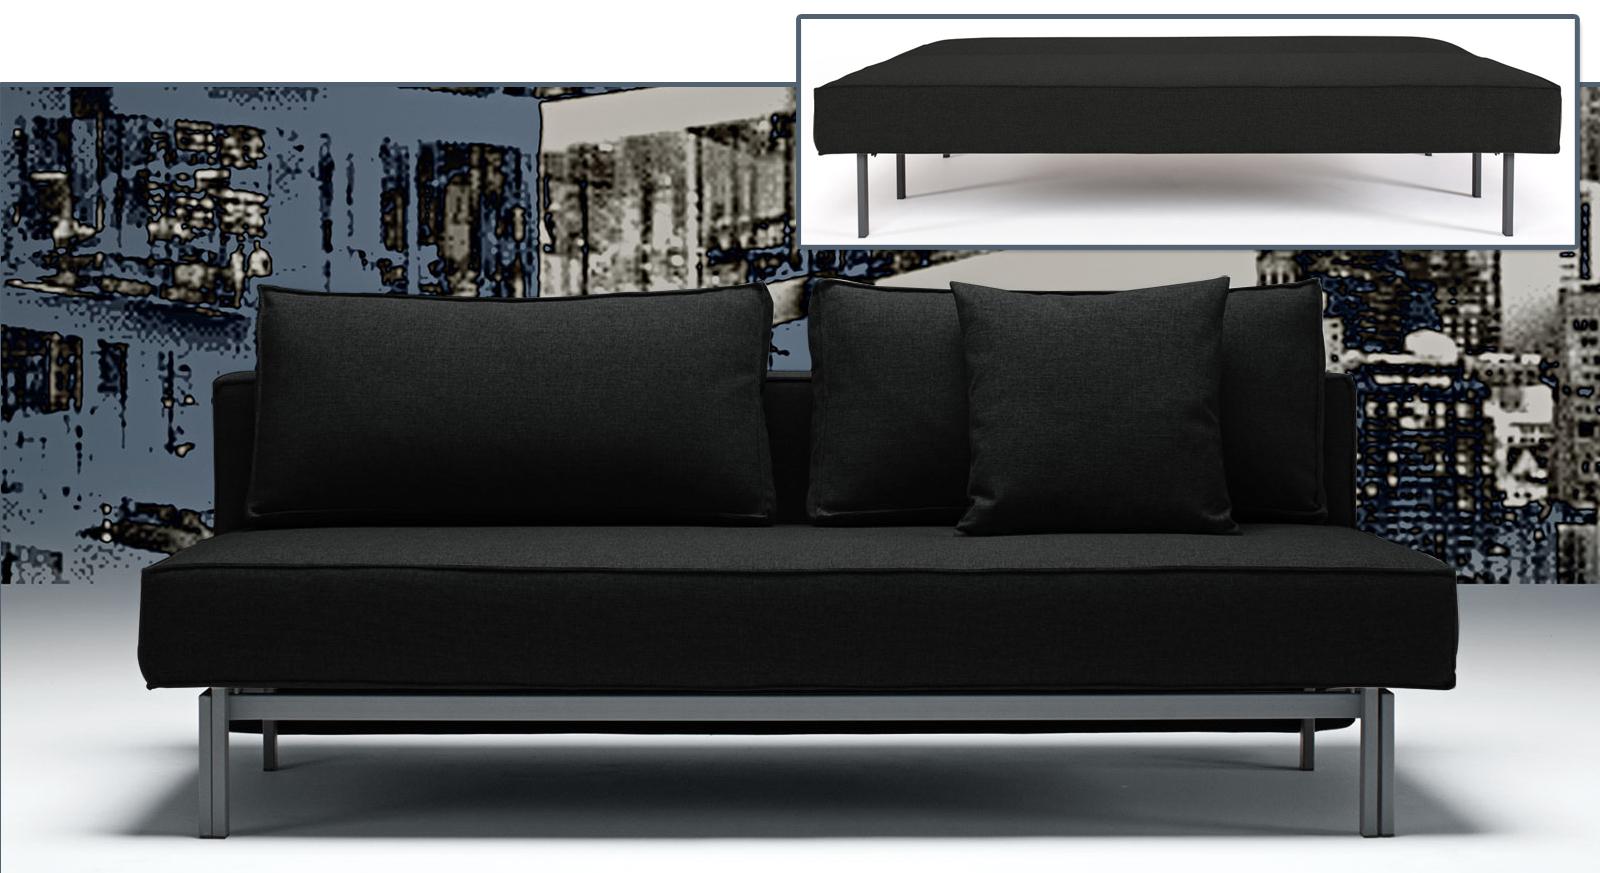 Full Size of Sofa Arten Avellino Artena Sofascore Lounge Stoffarten Polsterung Couch Bezug Asd Vis Worauf Man Beim Kauf Eines Sofas Zum Schlafen Achten Sollte Mondo Sofa Sofa Arten